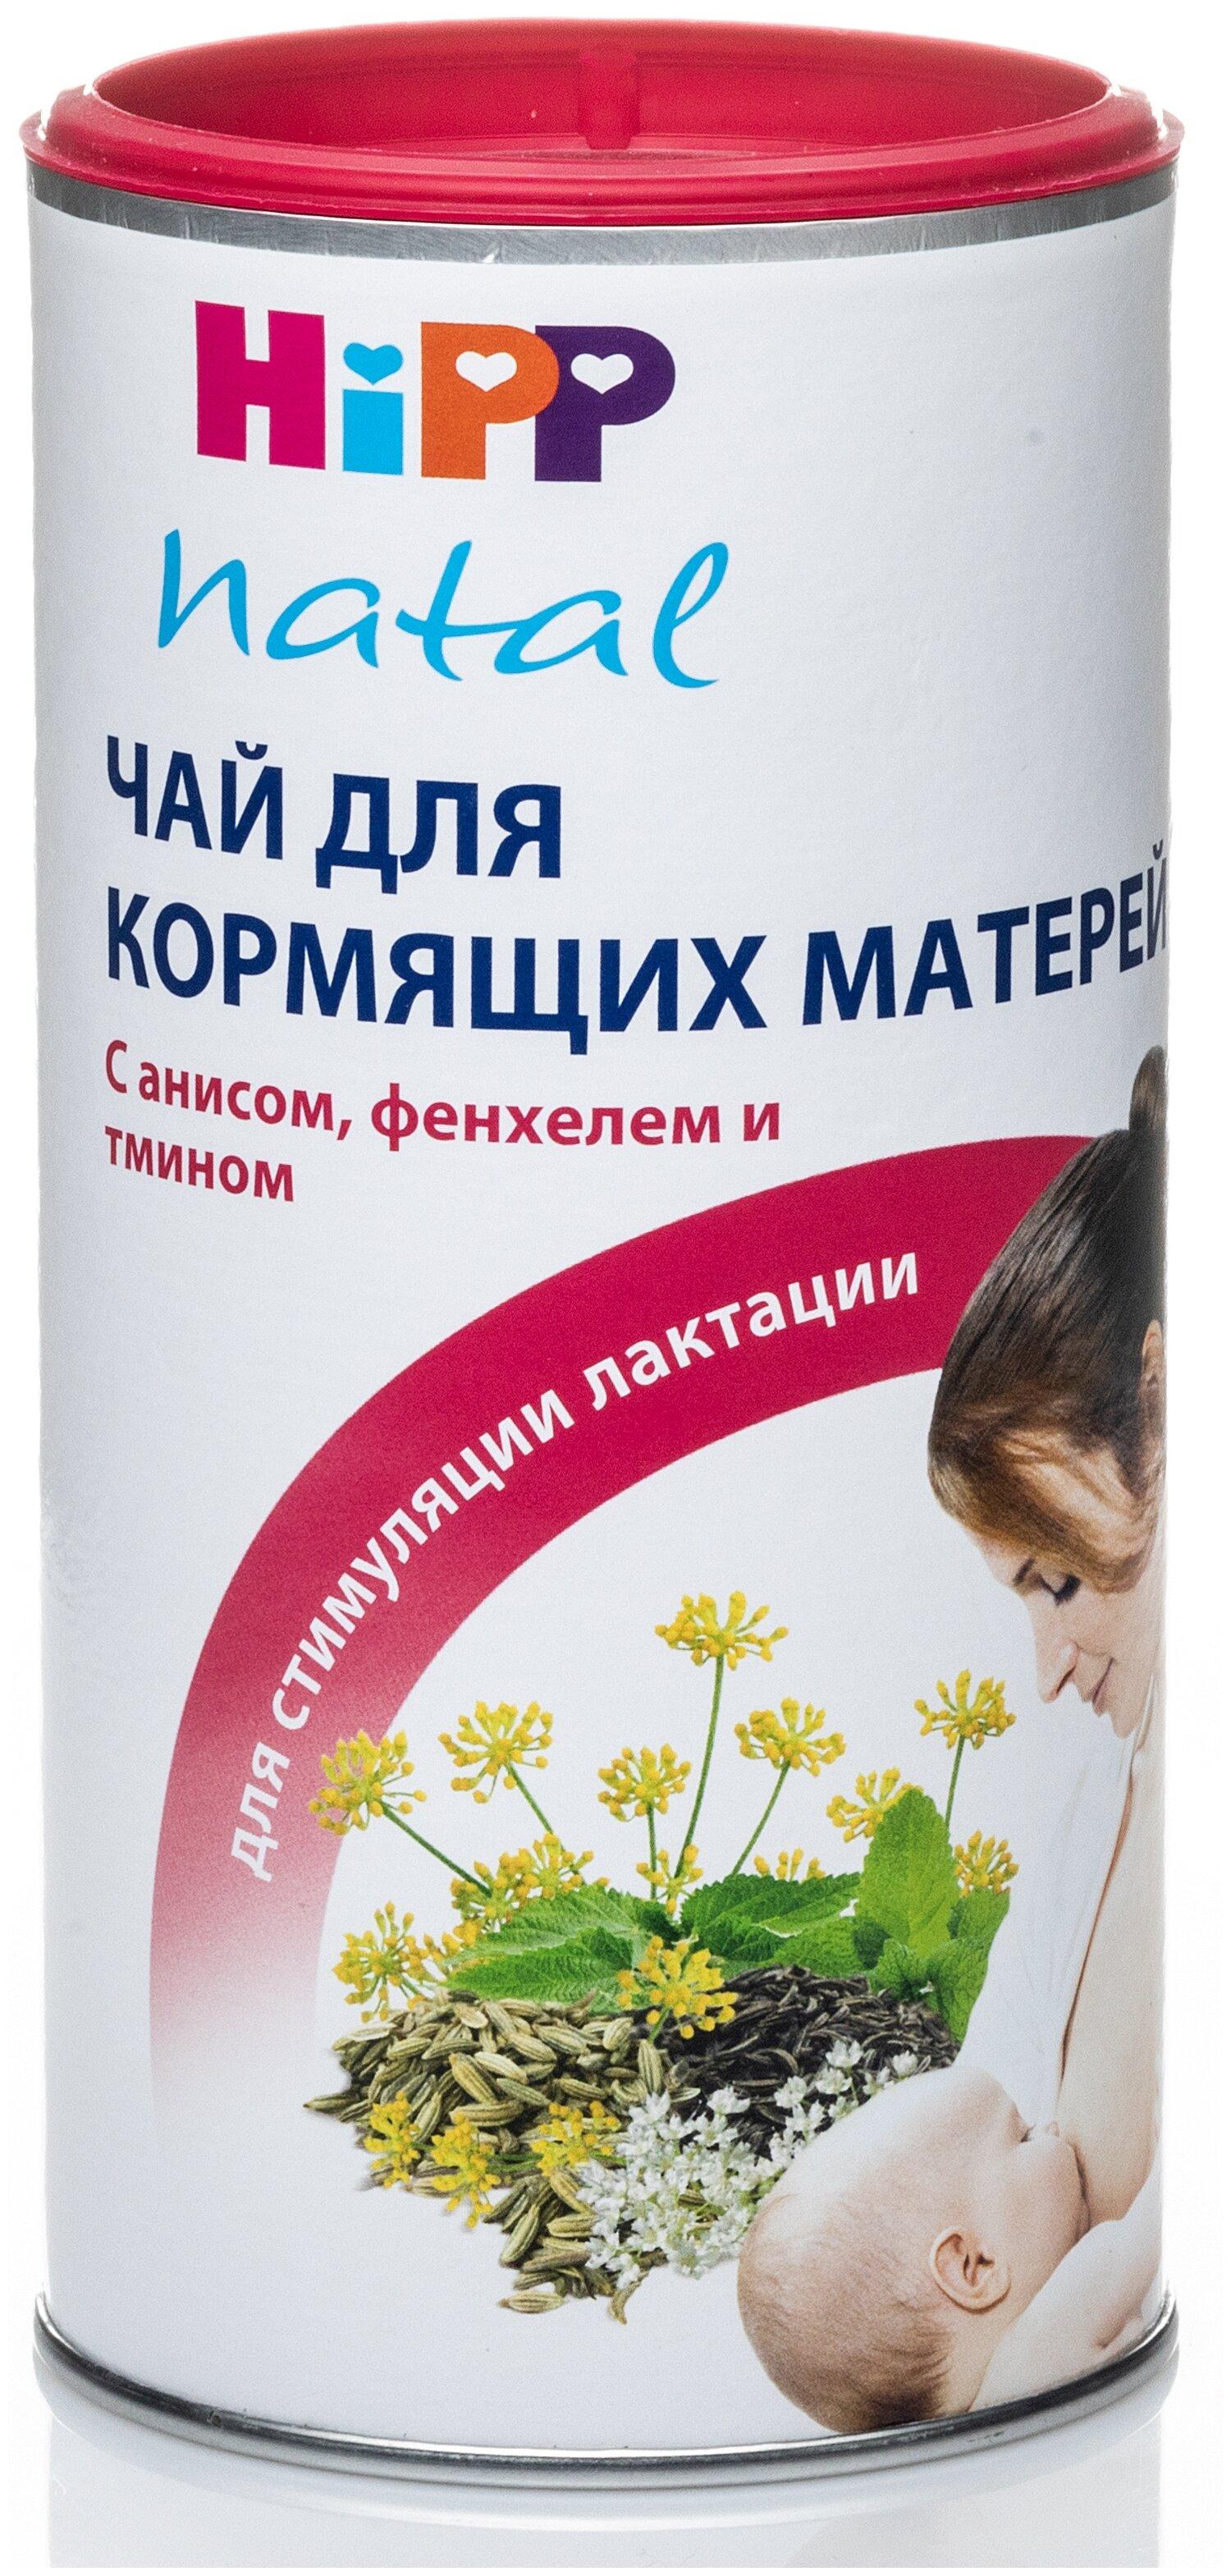 Чай для кормящих матерей HiPP 200 г, 6 шт. — купить по выгодной цене на Яндекс.Маркете